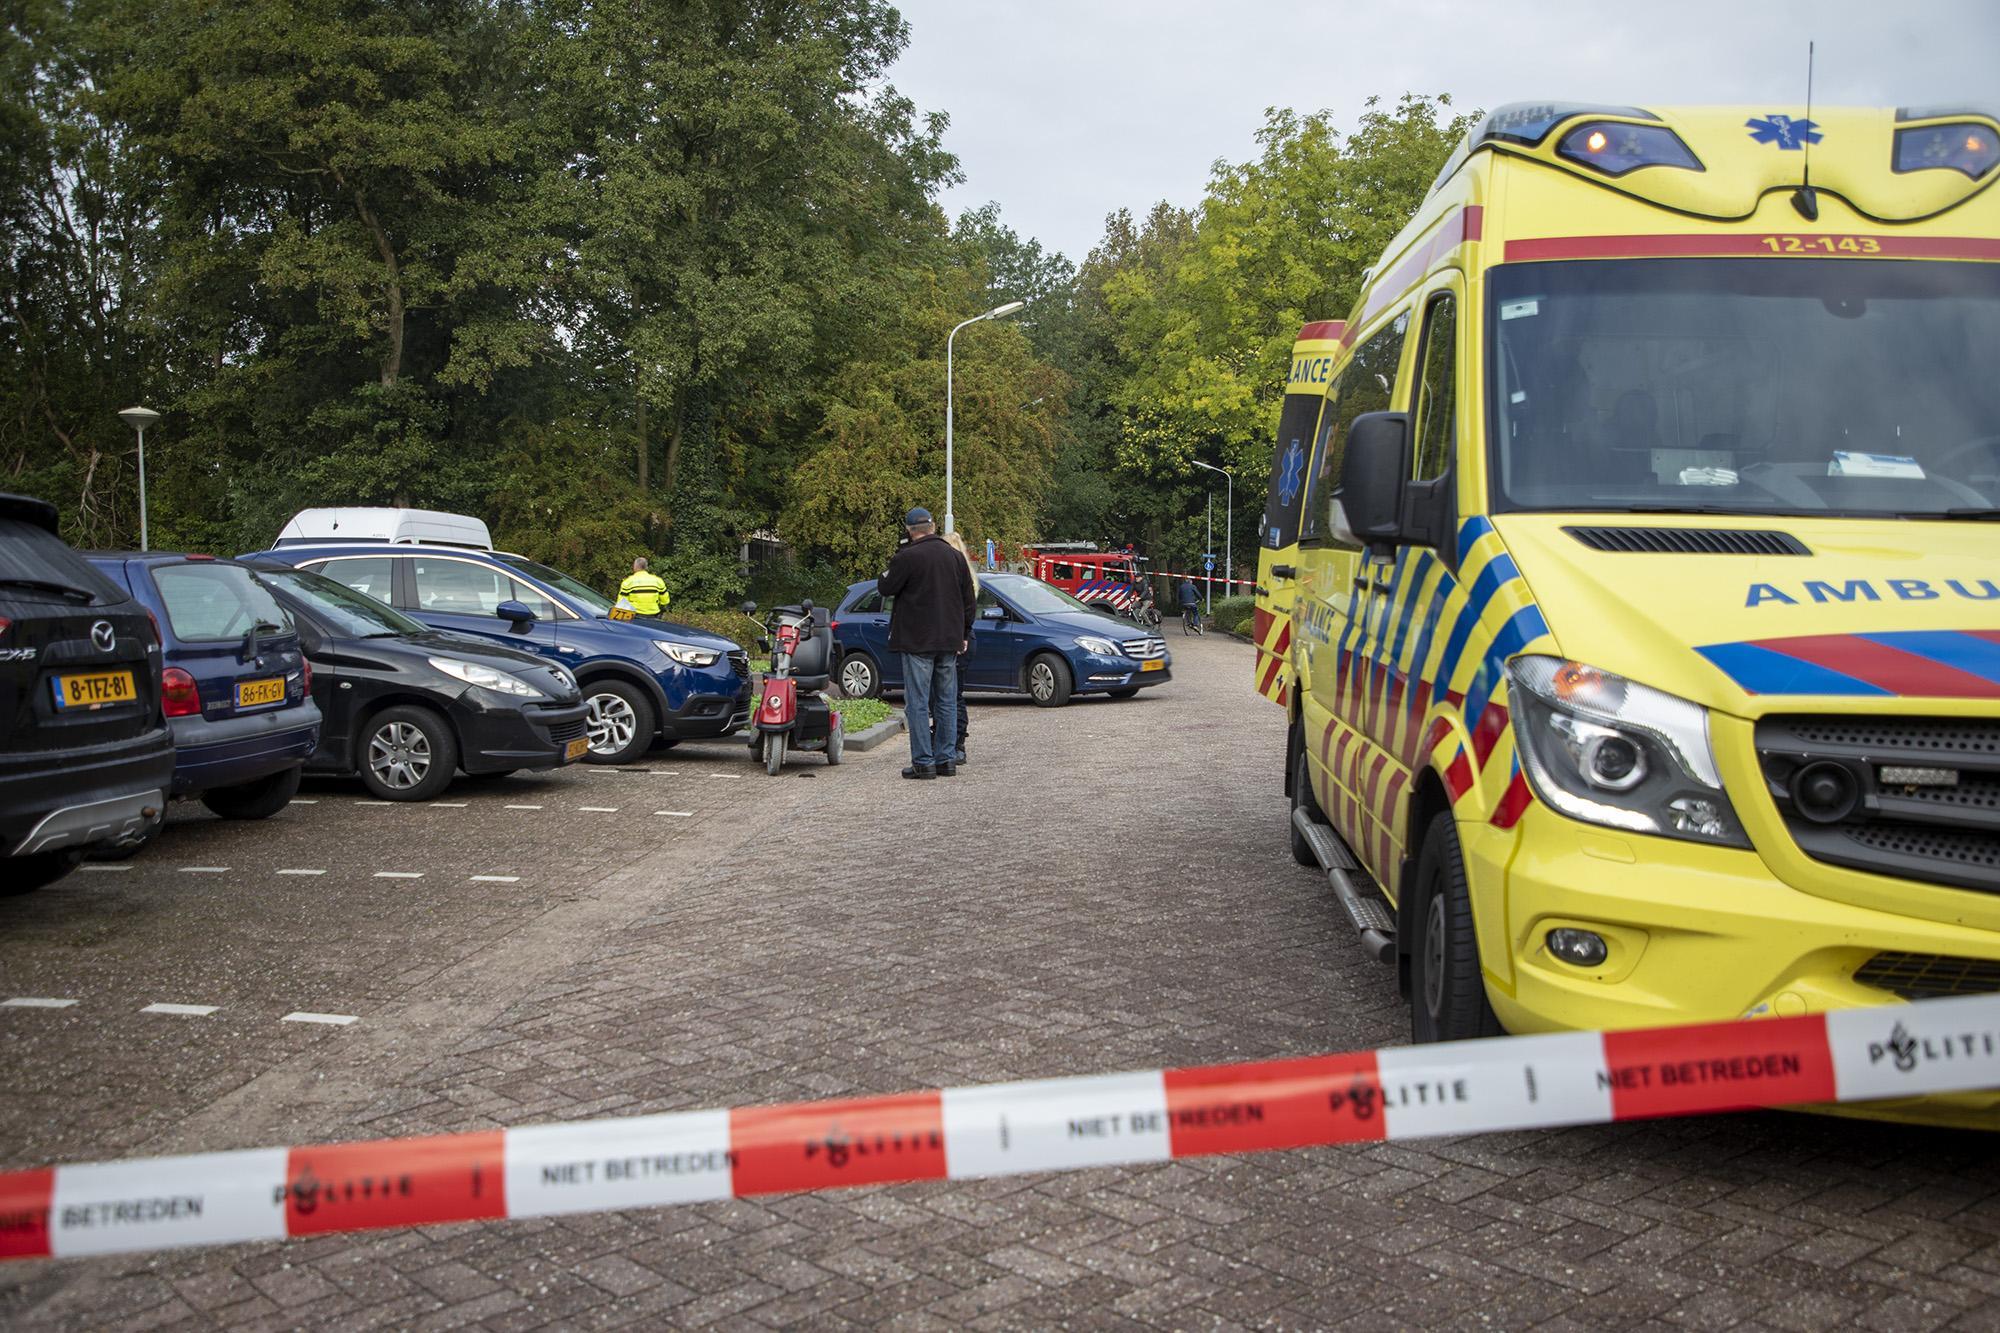 Zwaargewonde bij ongeval met scootmobiel en auto in Zwanenburg